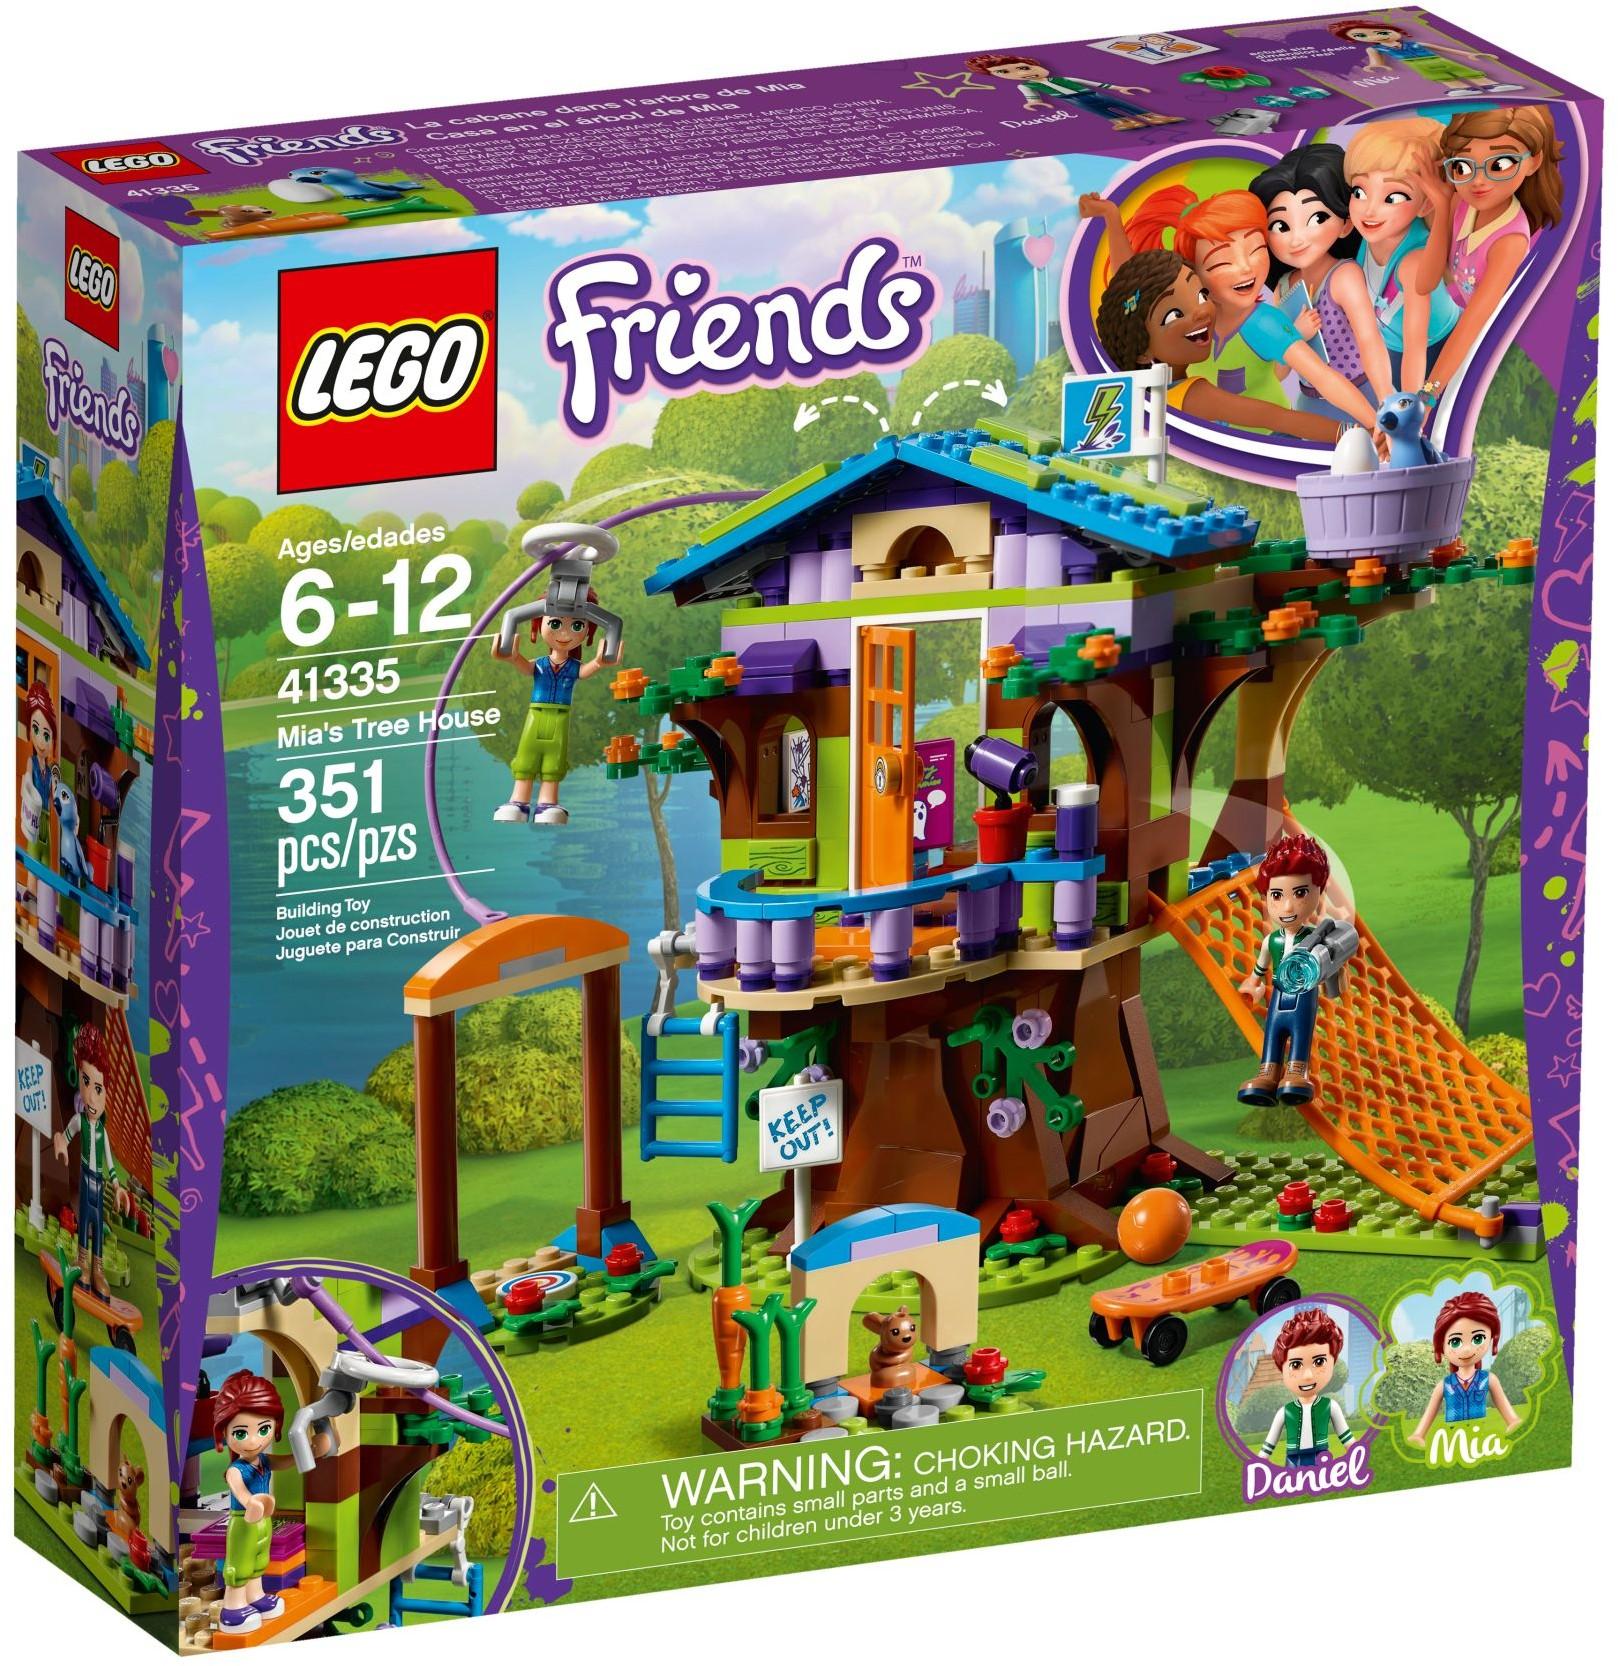 Mias Tree House 41335 Lego Friends Wiki Fandom Powered By Wikia